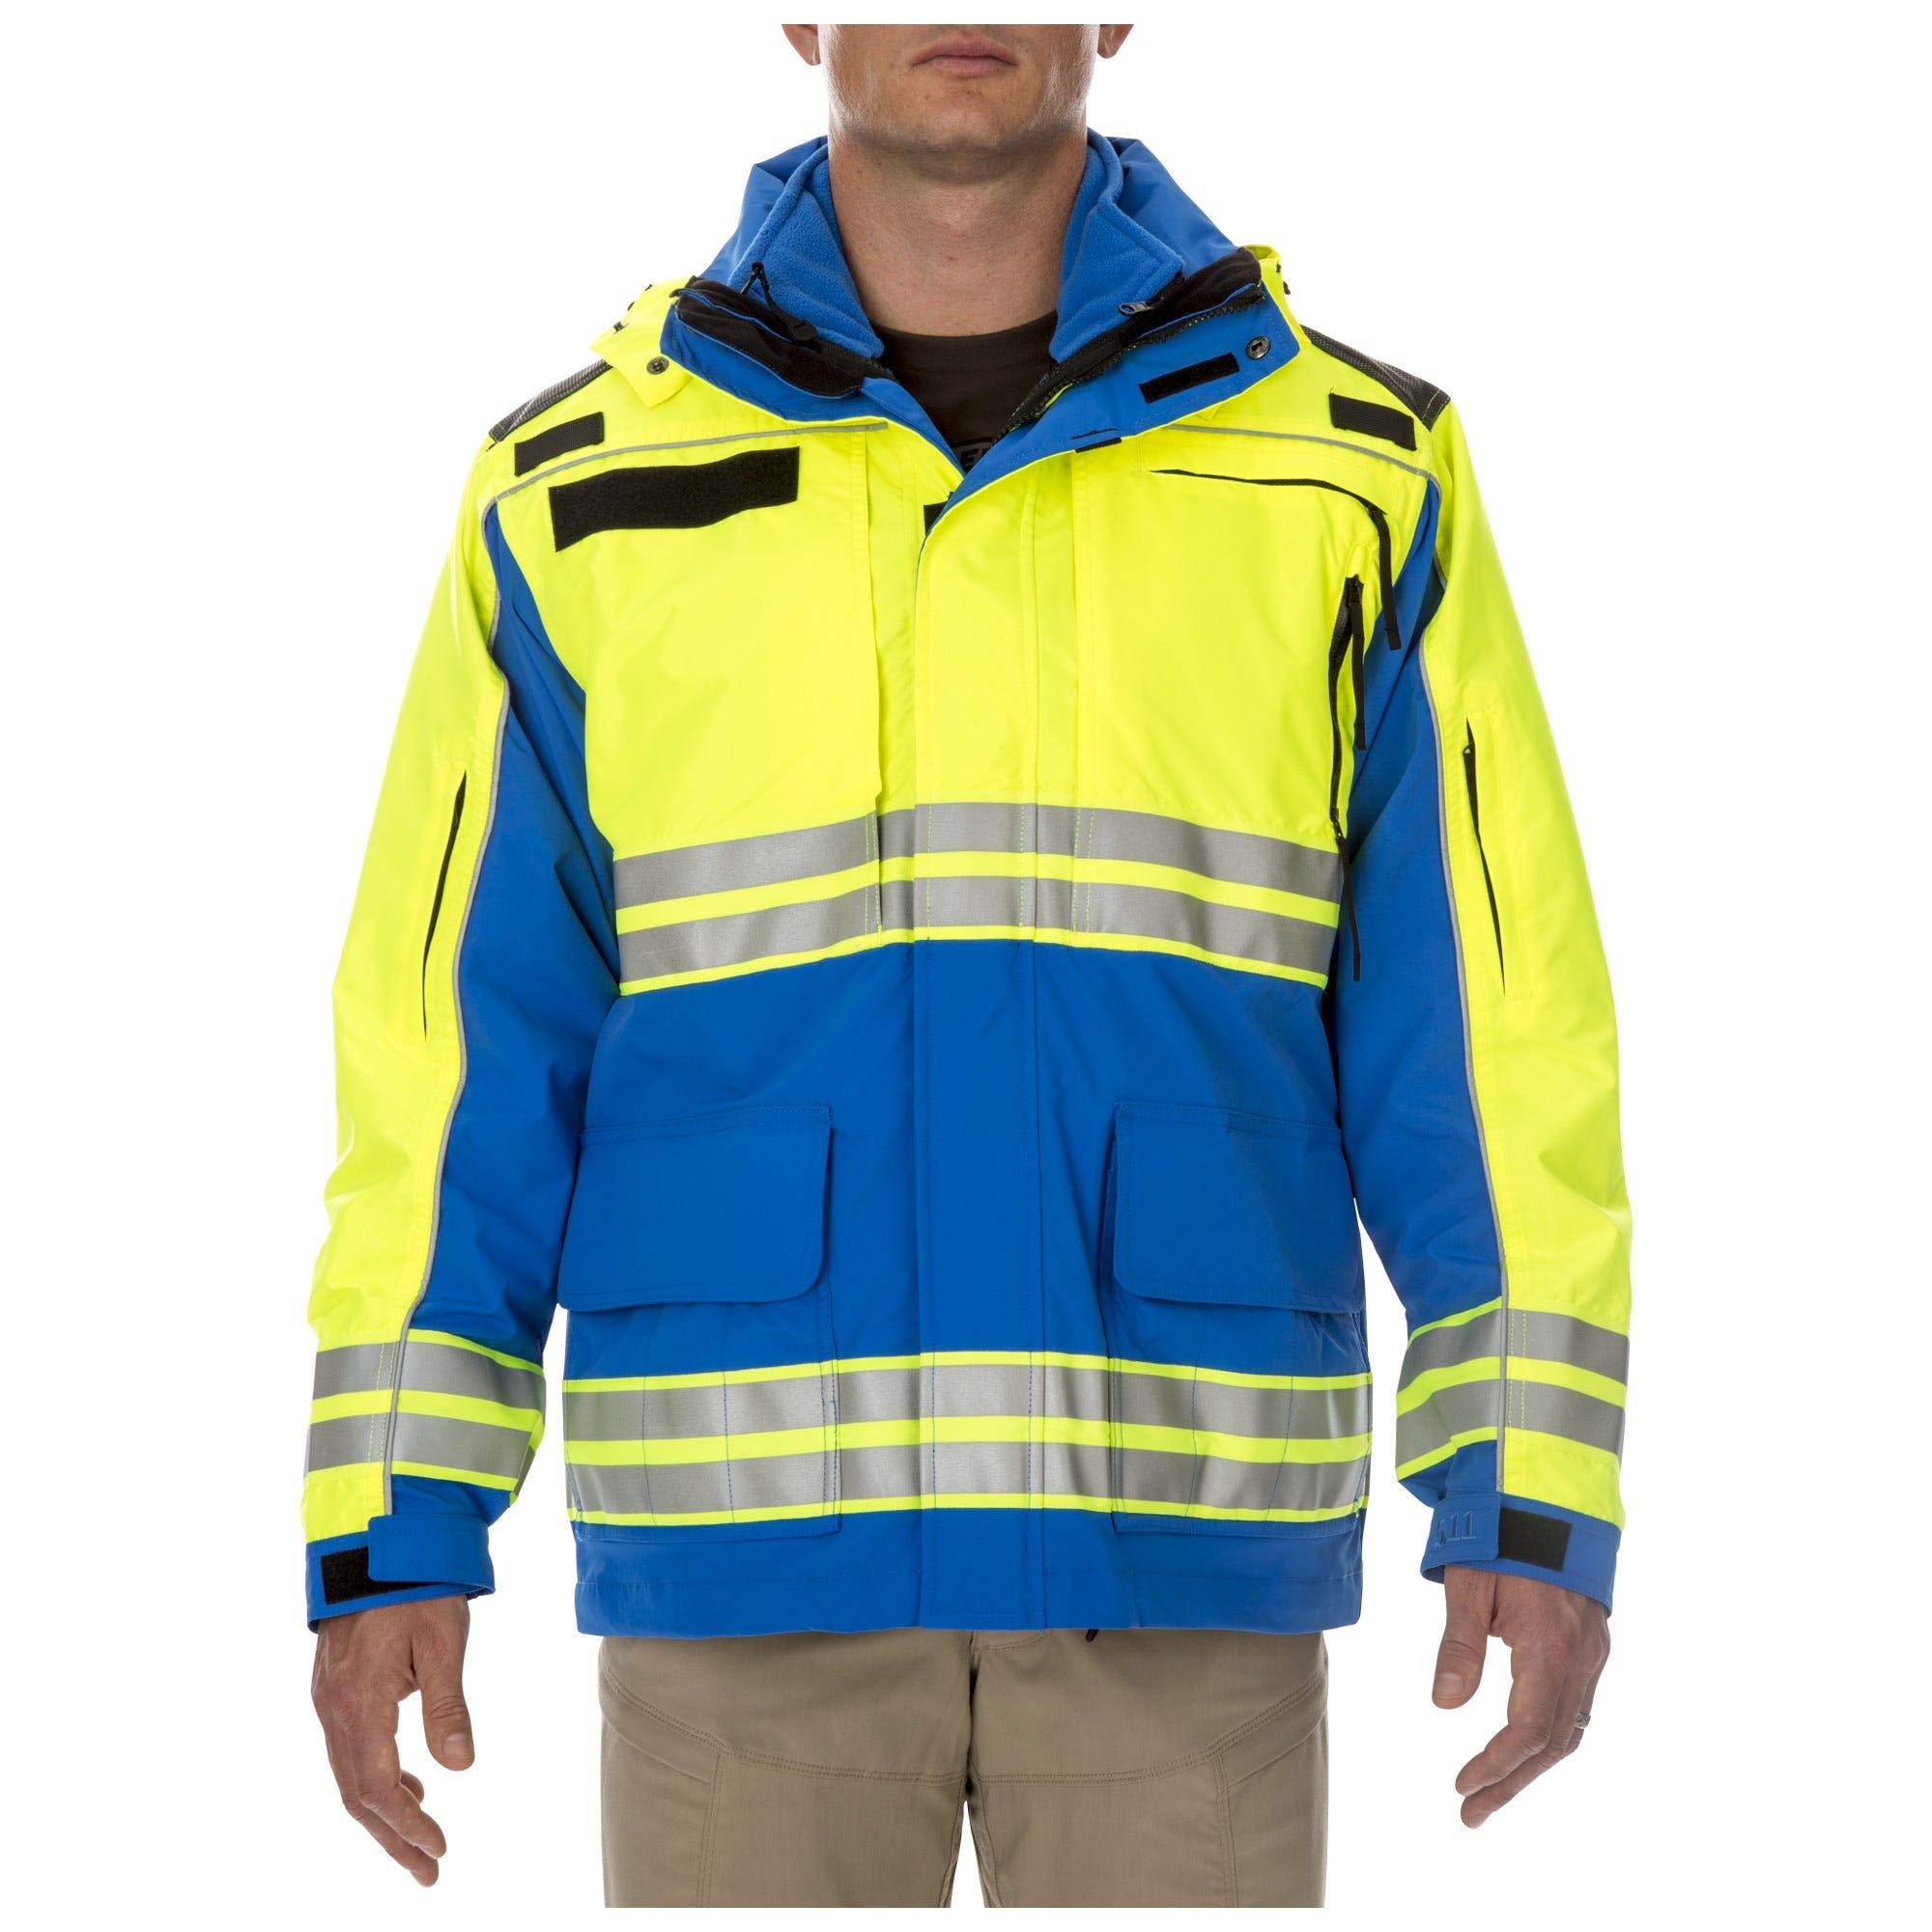 5.11 Parka táctica para profesionales de emergencias de EMS: alta visibilidad, estilo 48073